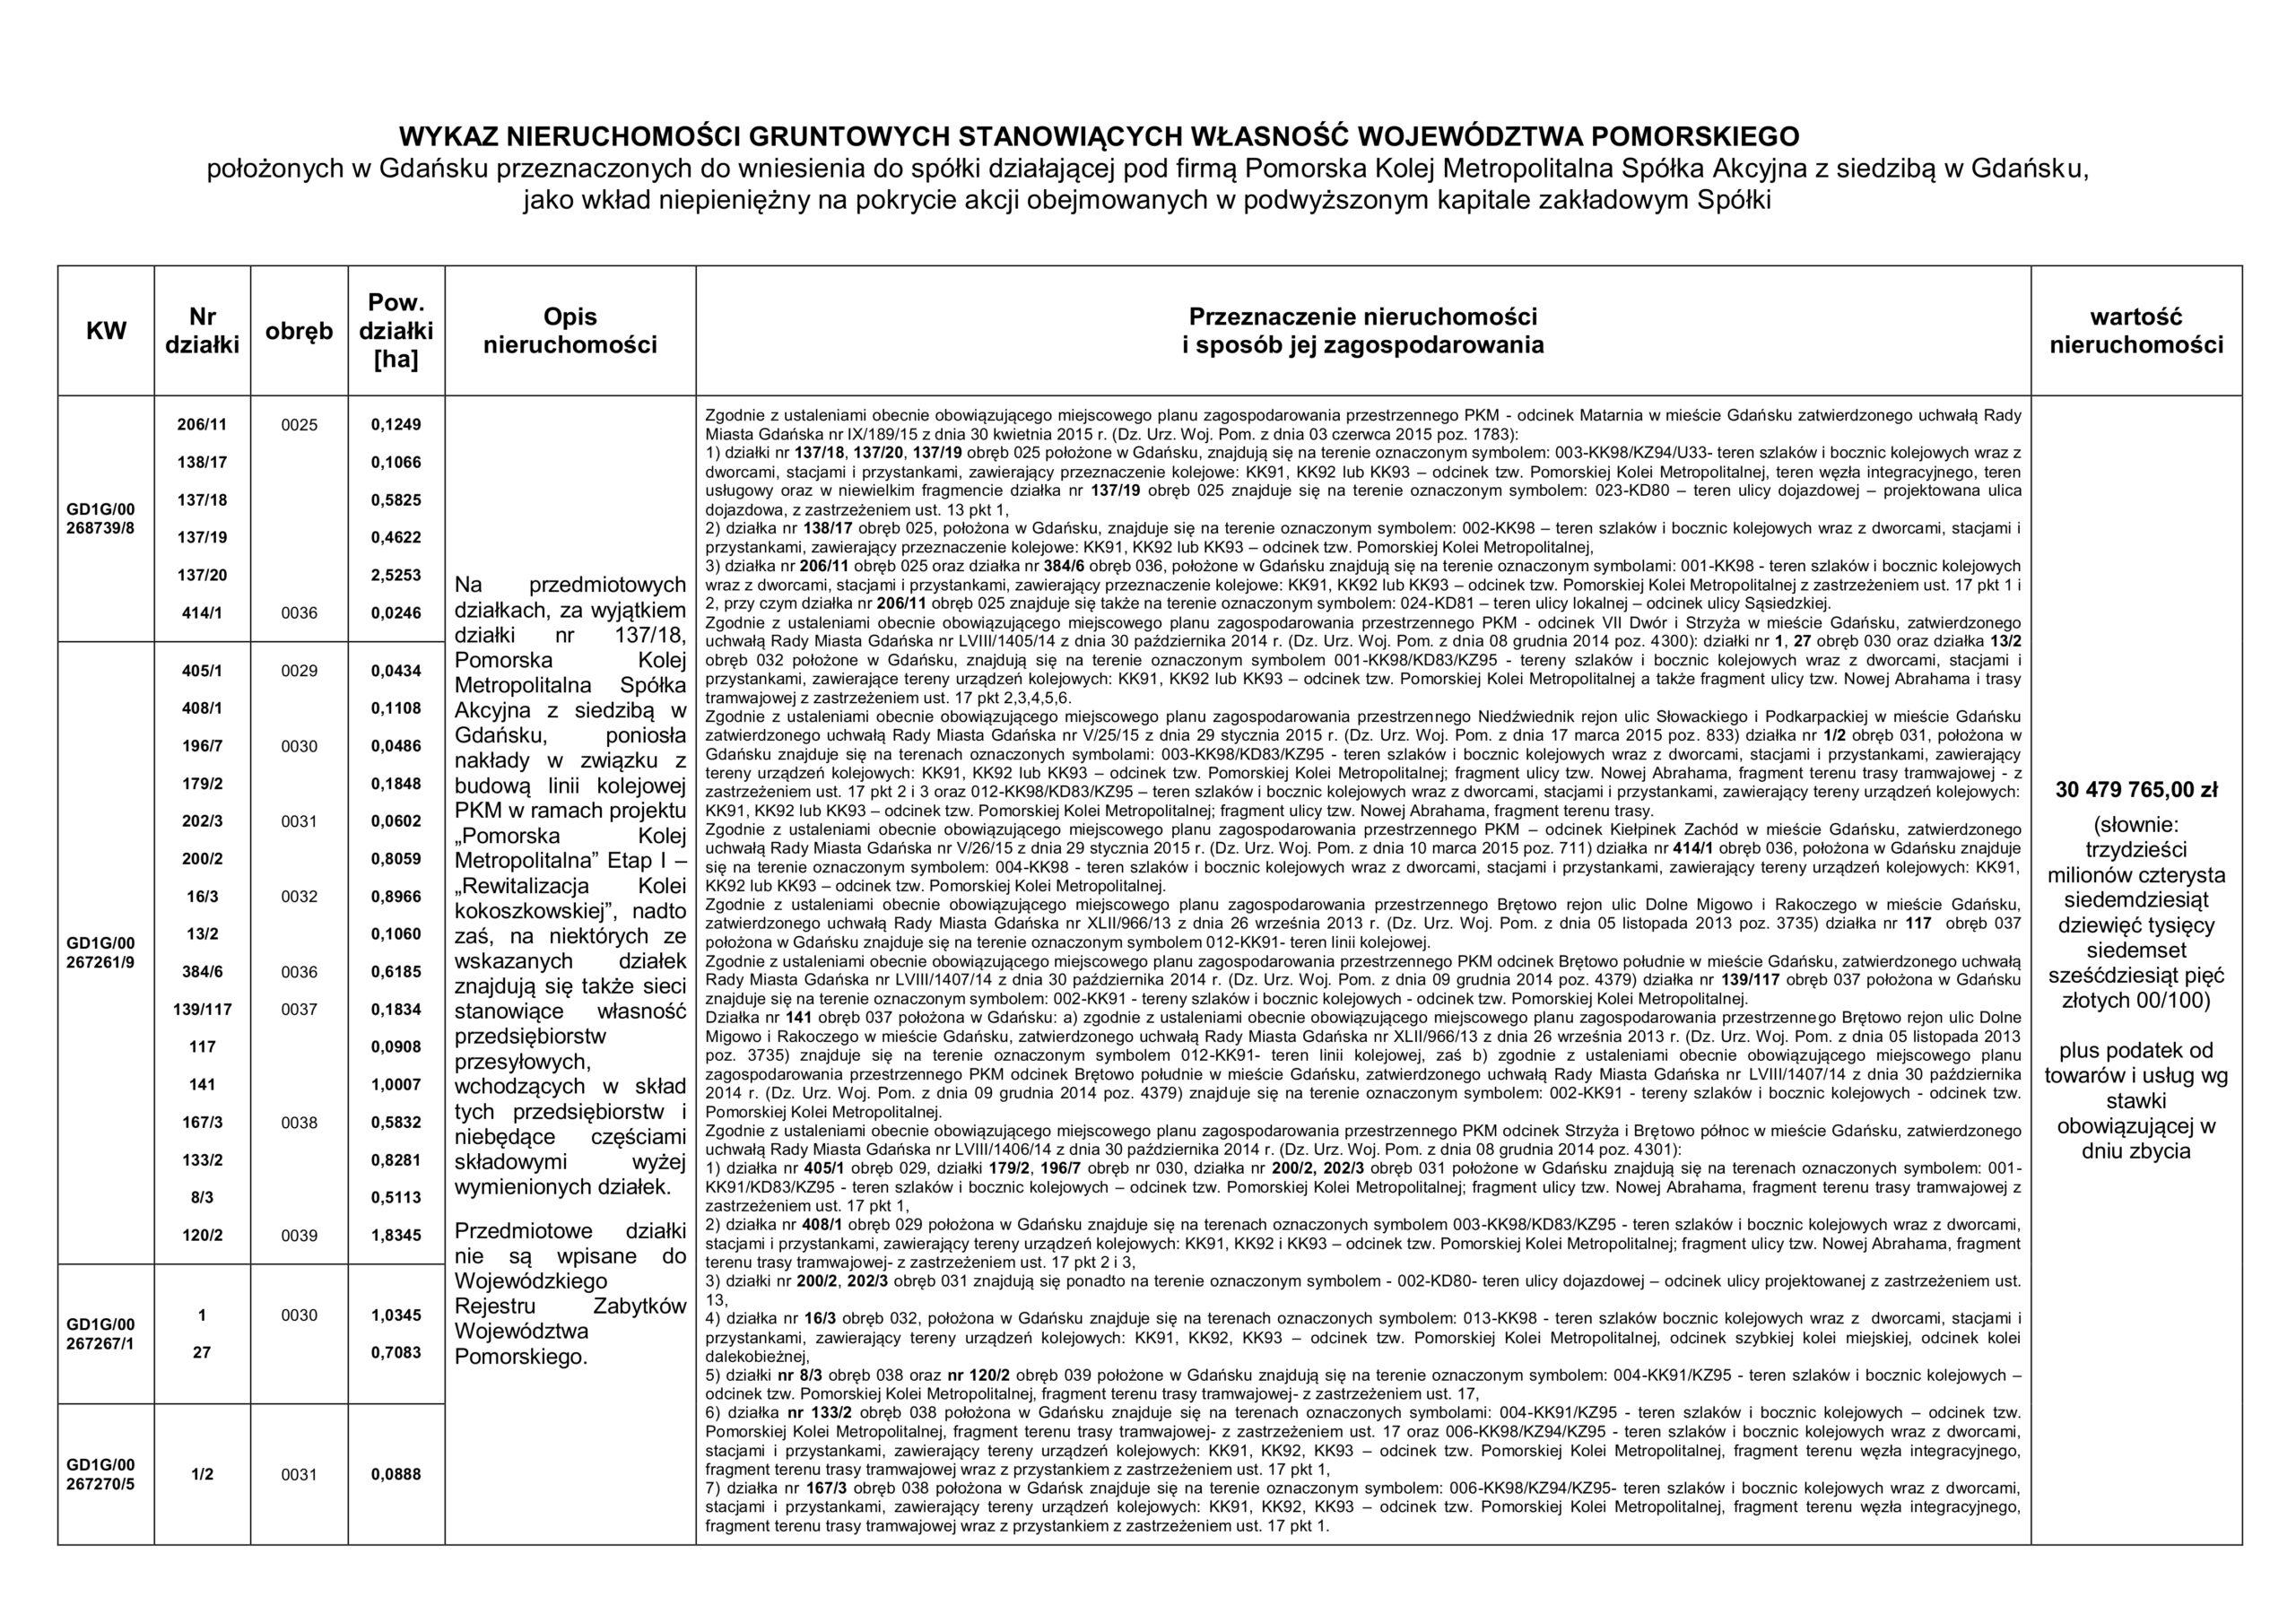 Wykaz nieruchomości gruntowych, położonych w Gdańsku, przeznaczonych do do wniesienia do spółki działającej pod firmą Pomorska Kolej Metropolitalna Spółka Akcyjna z siedzibą w Gdańsku